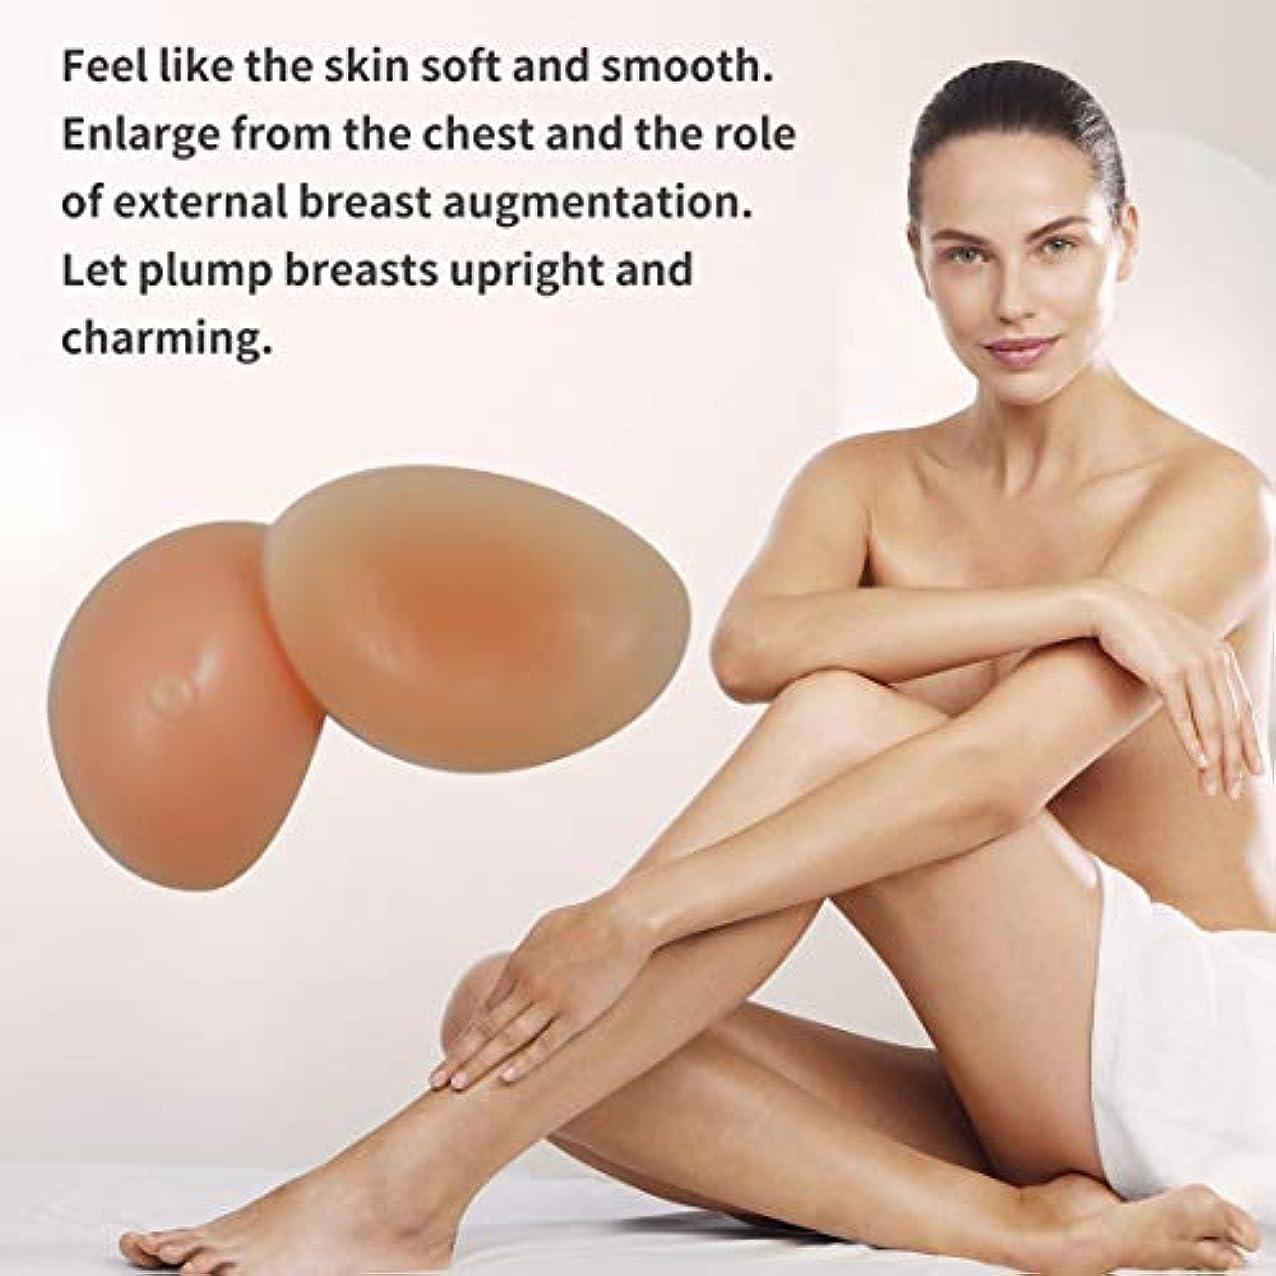 踏み台余計なカウンタシリコーンフォーム偽乳房エンハンサープッシュアップパッドブースターブラインサート人工乳房リアルな防水シリコーン乳房フォーム